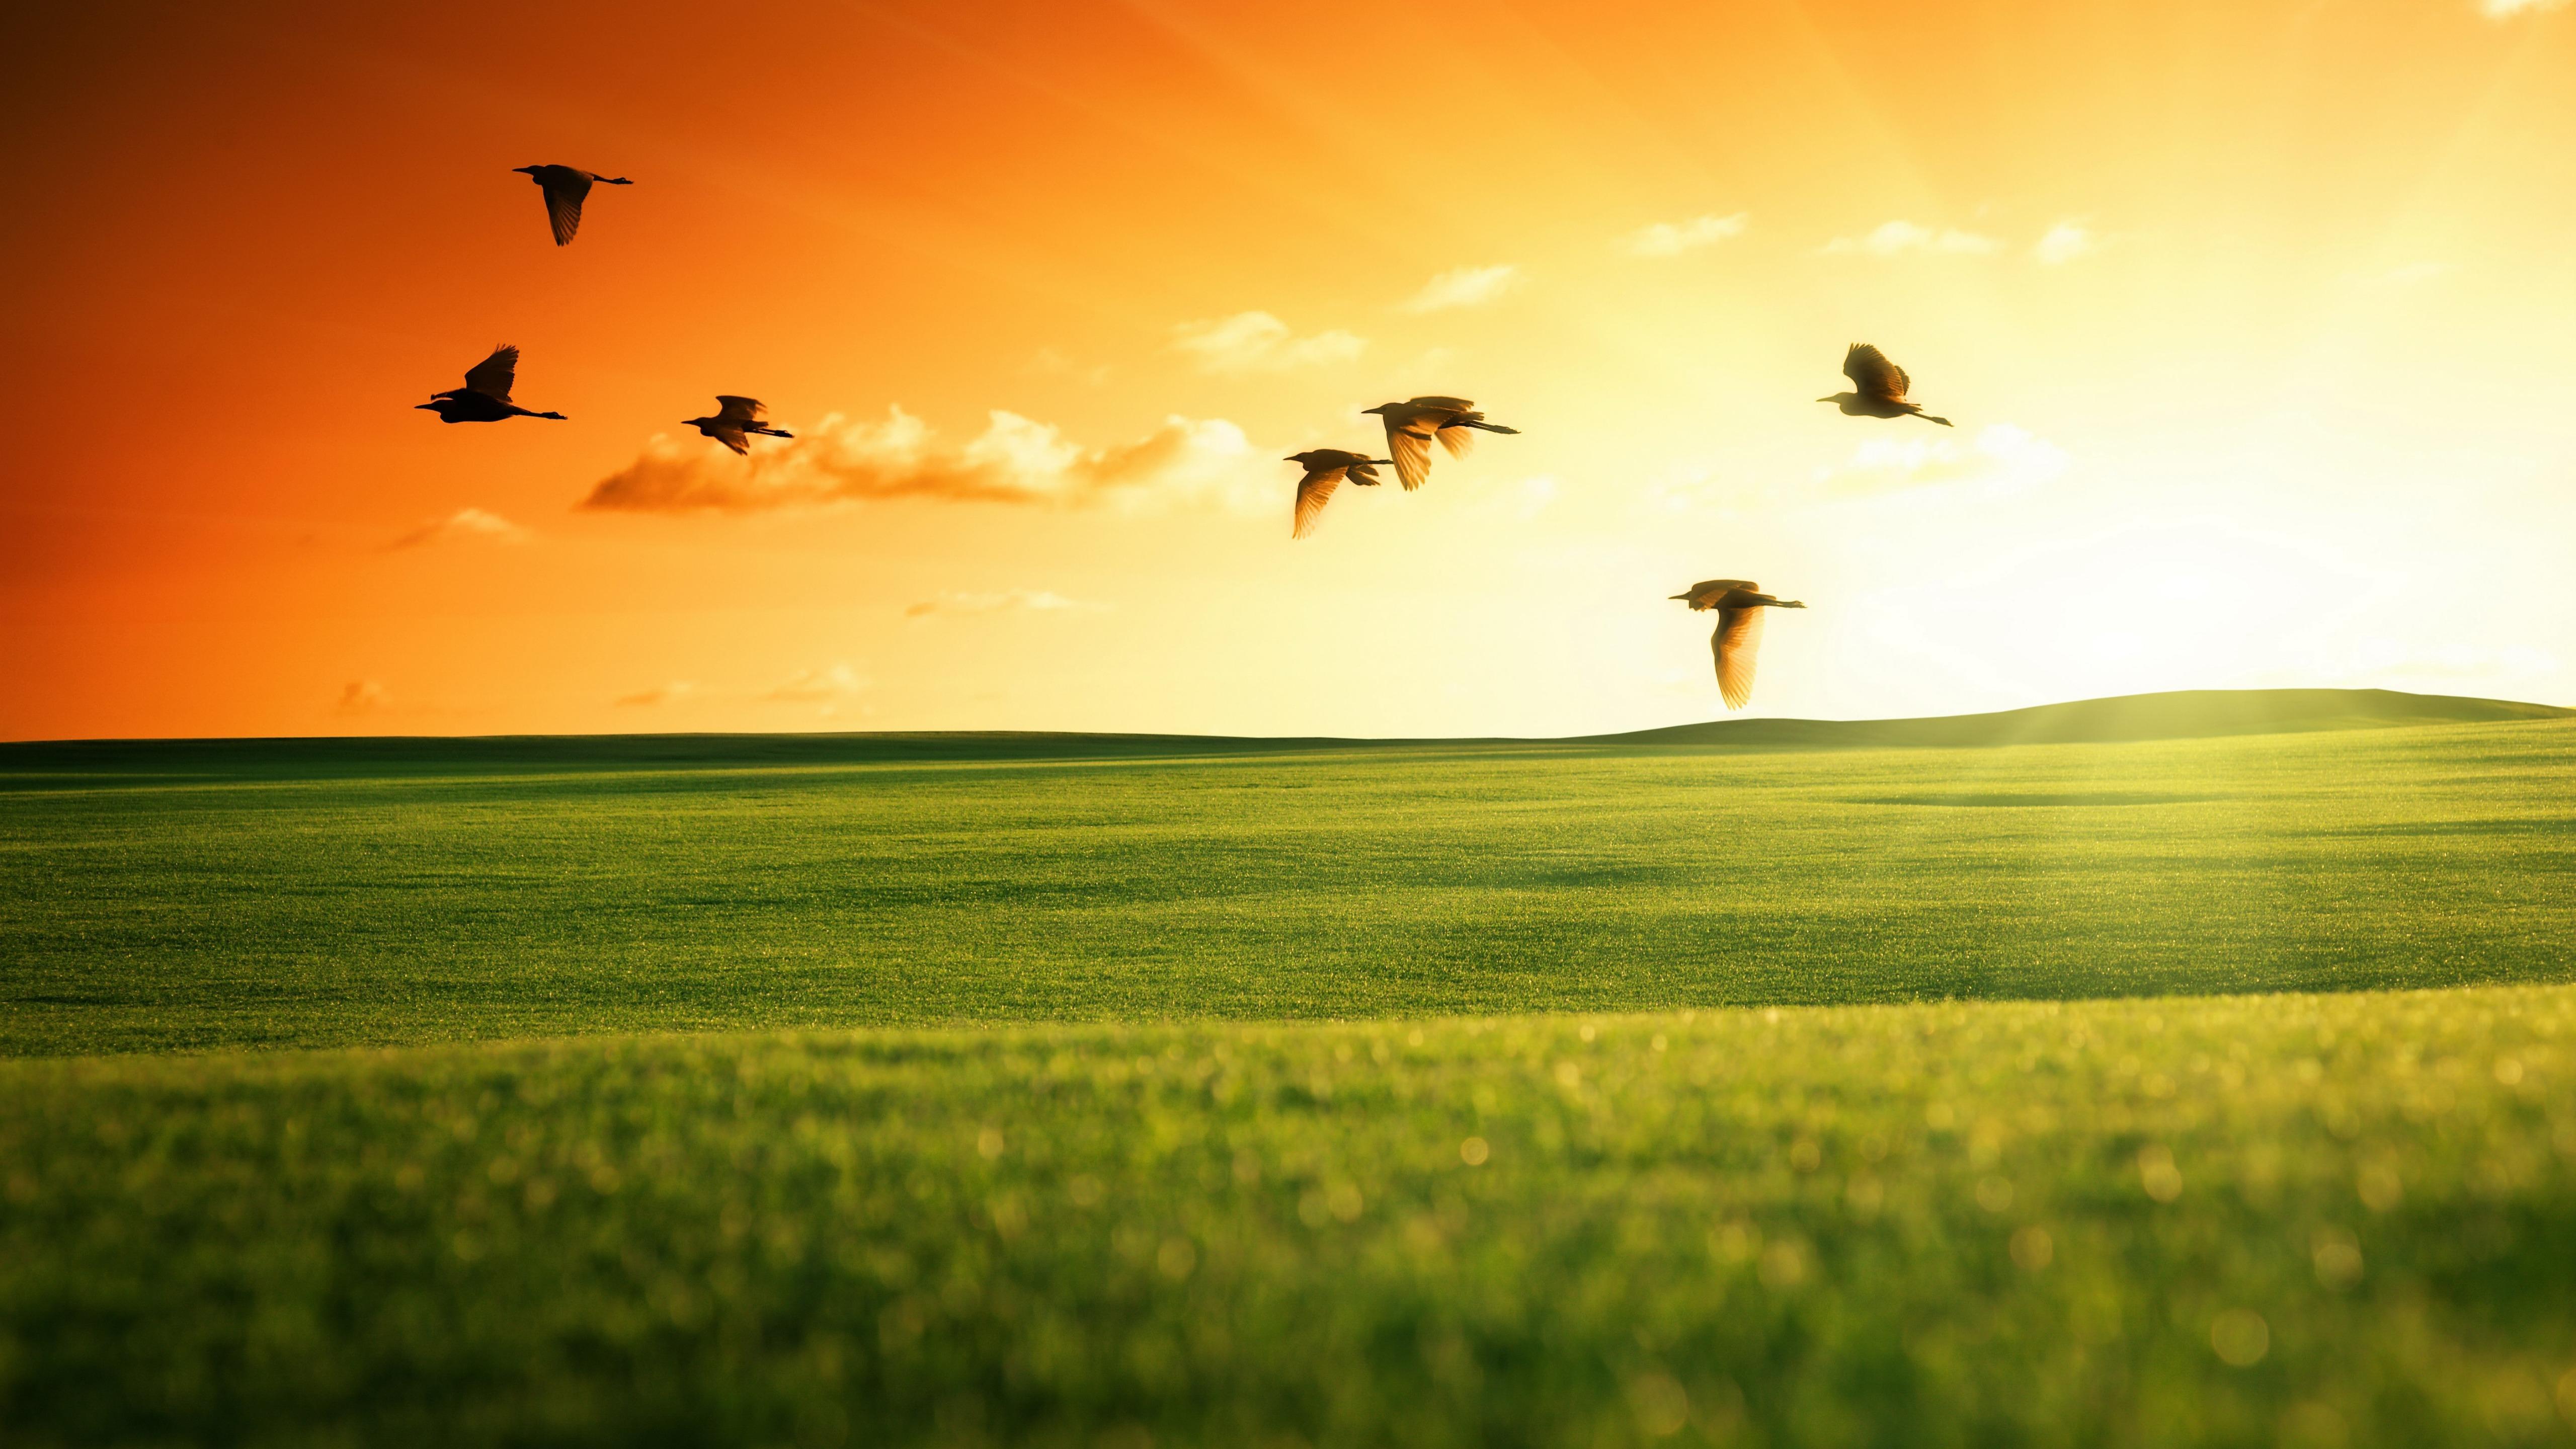 Flying Birds in the field wallpaper